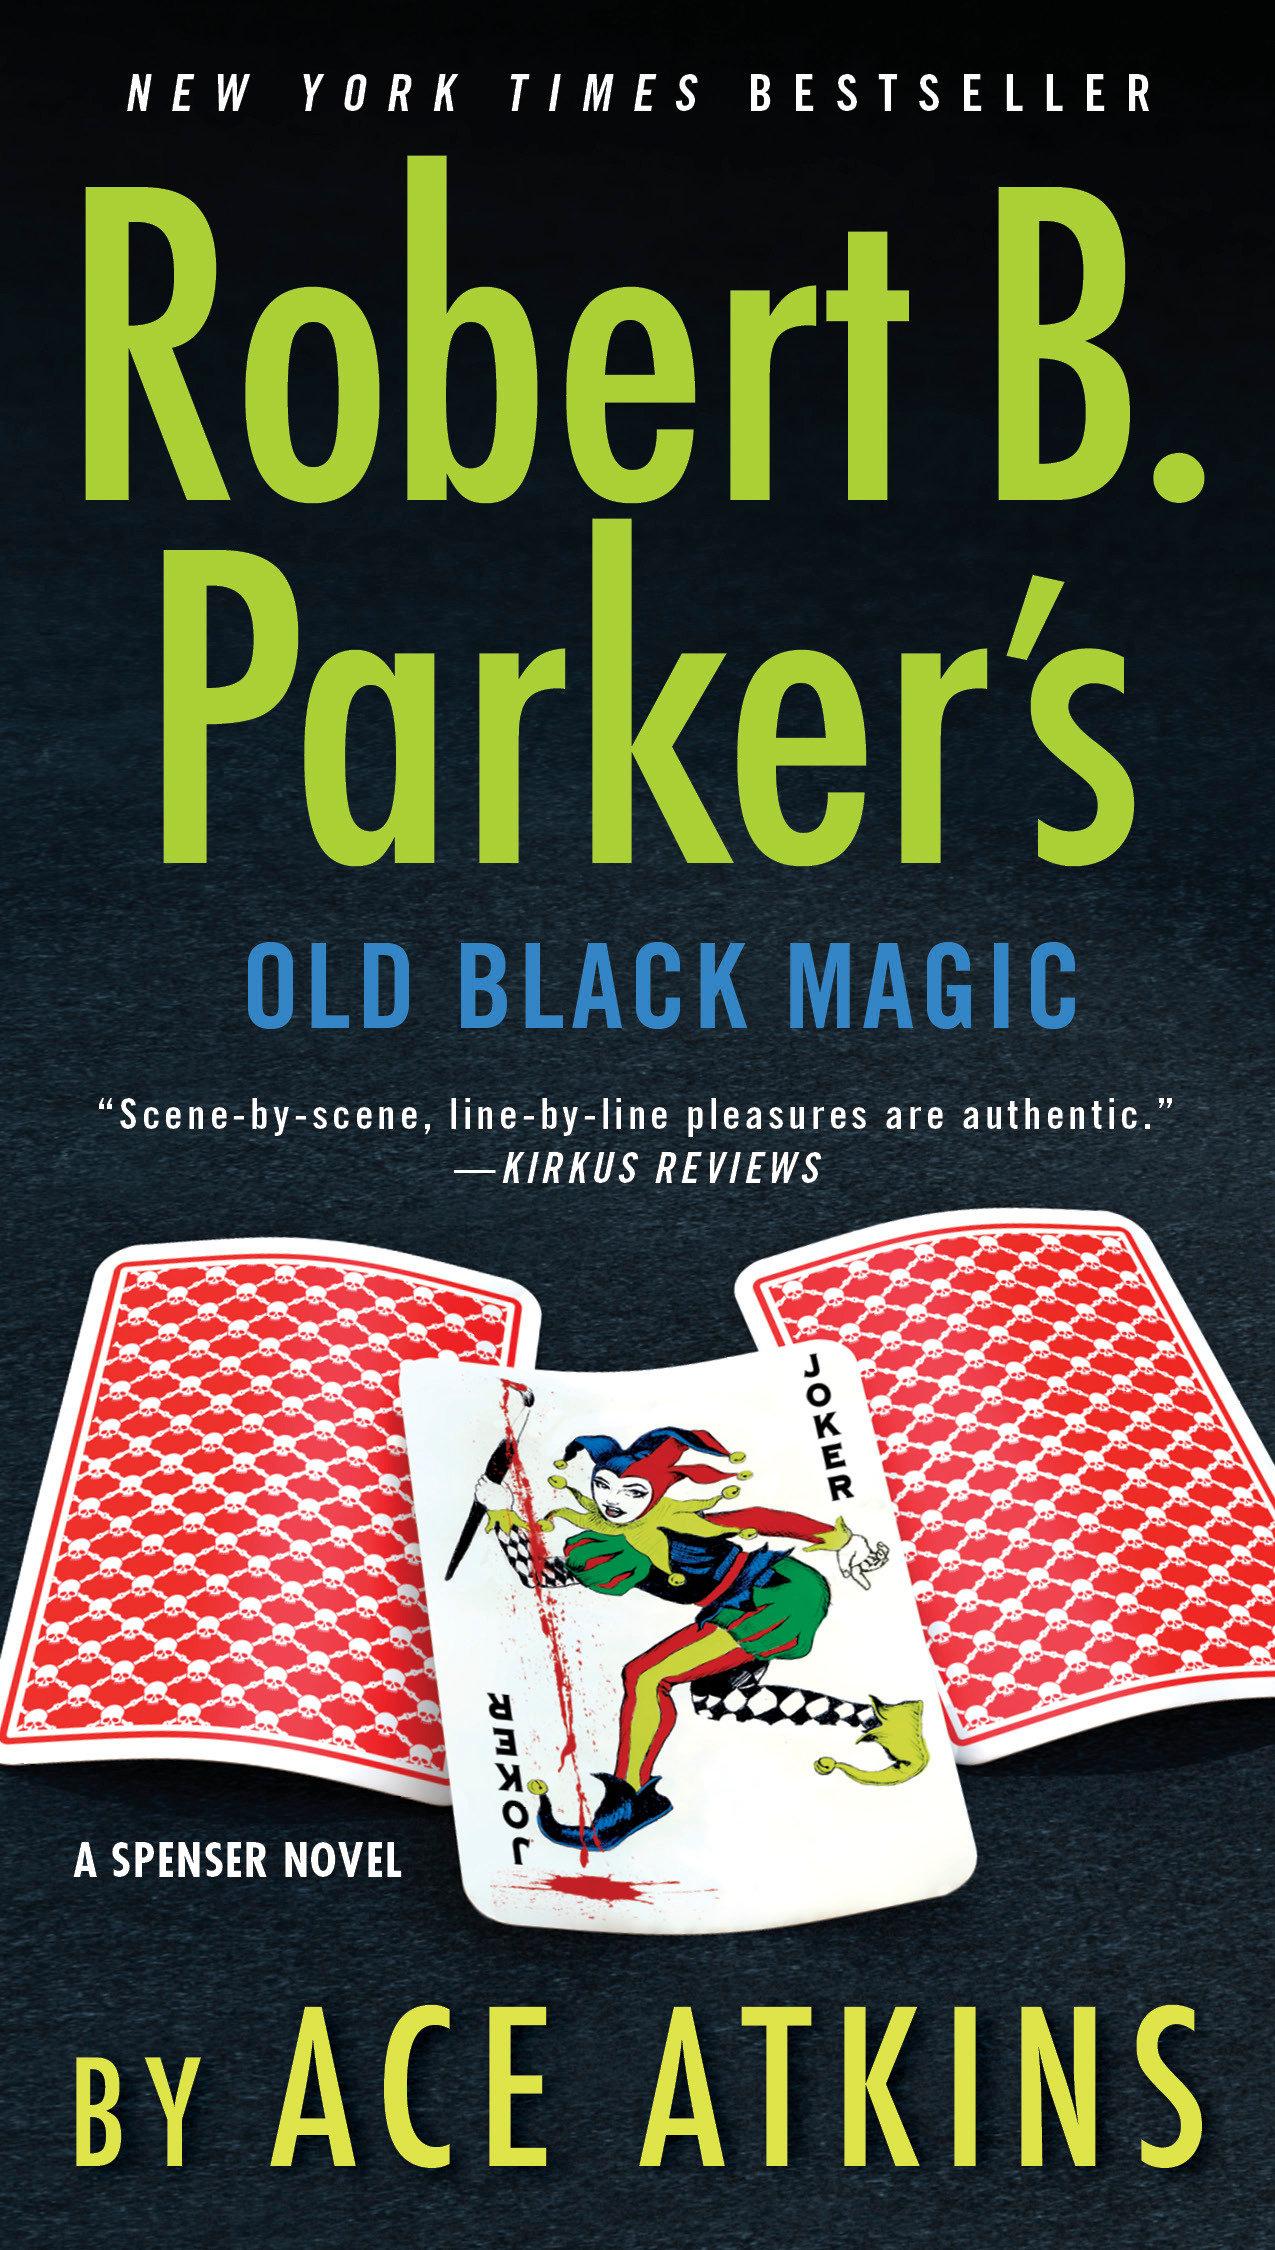 Robert B. Parker's old black magic : a Spencer novel